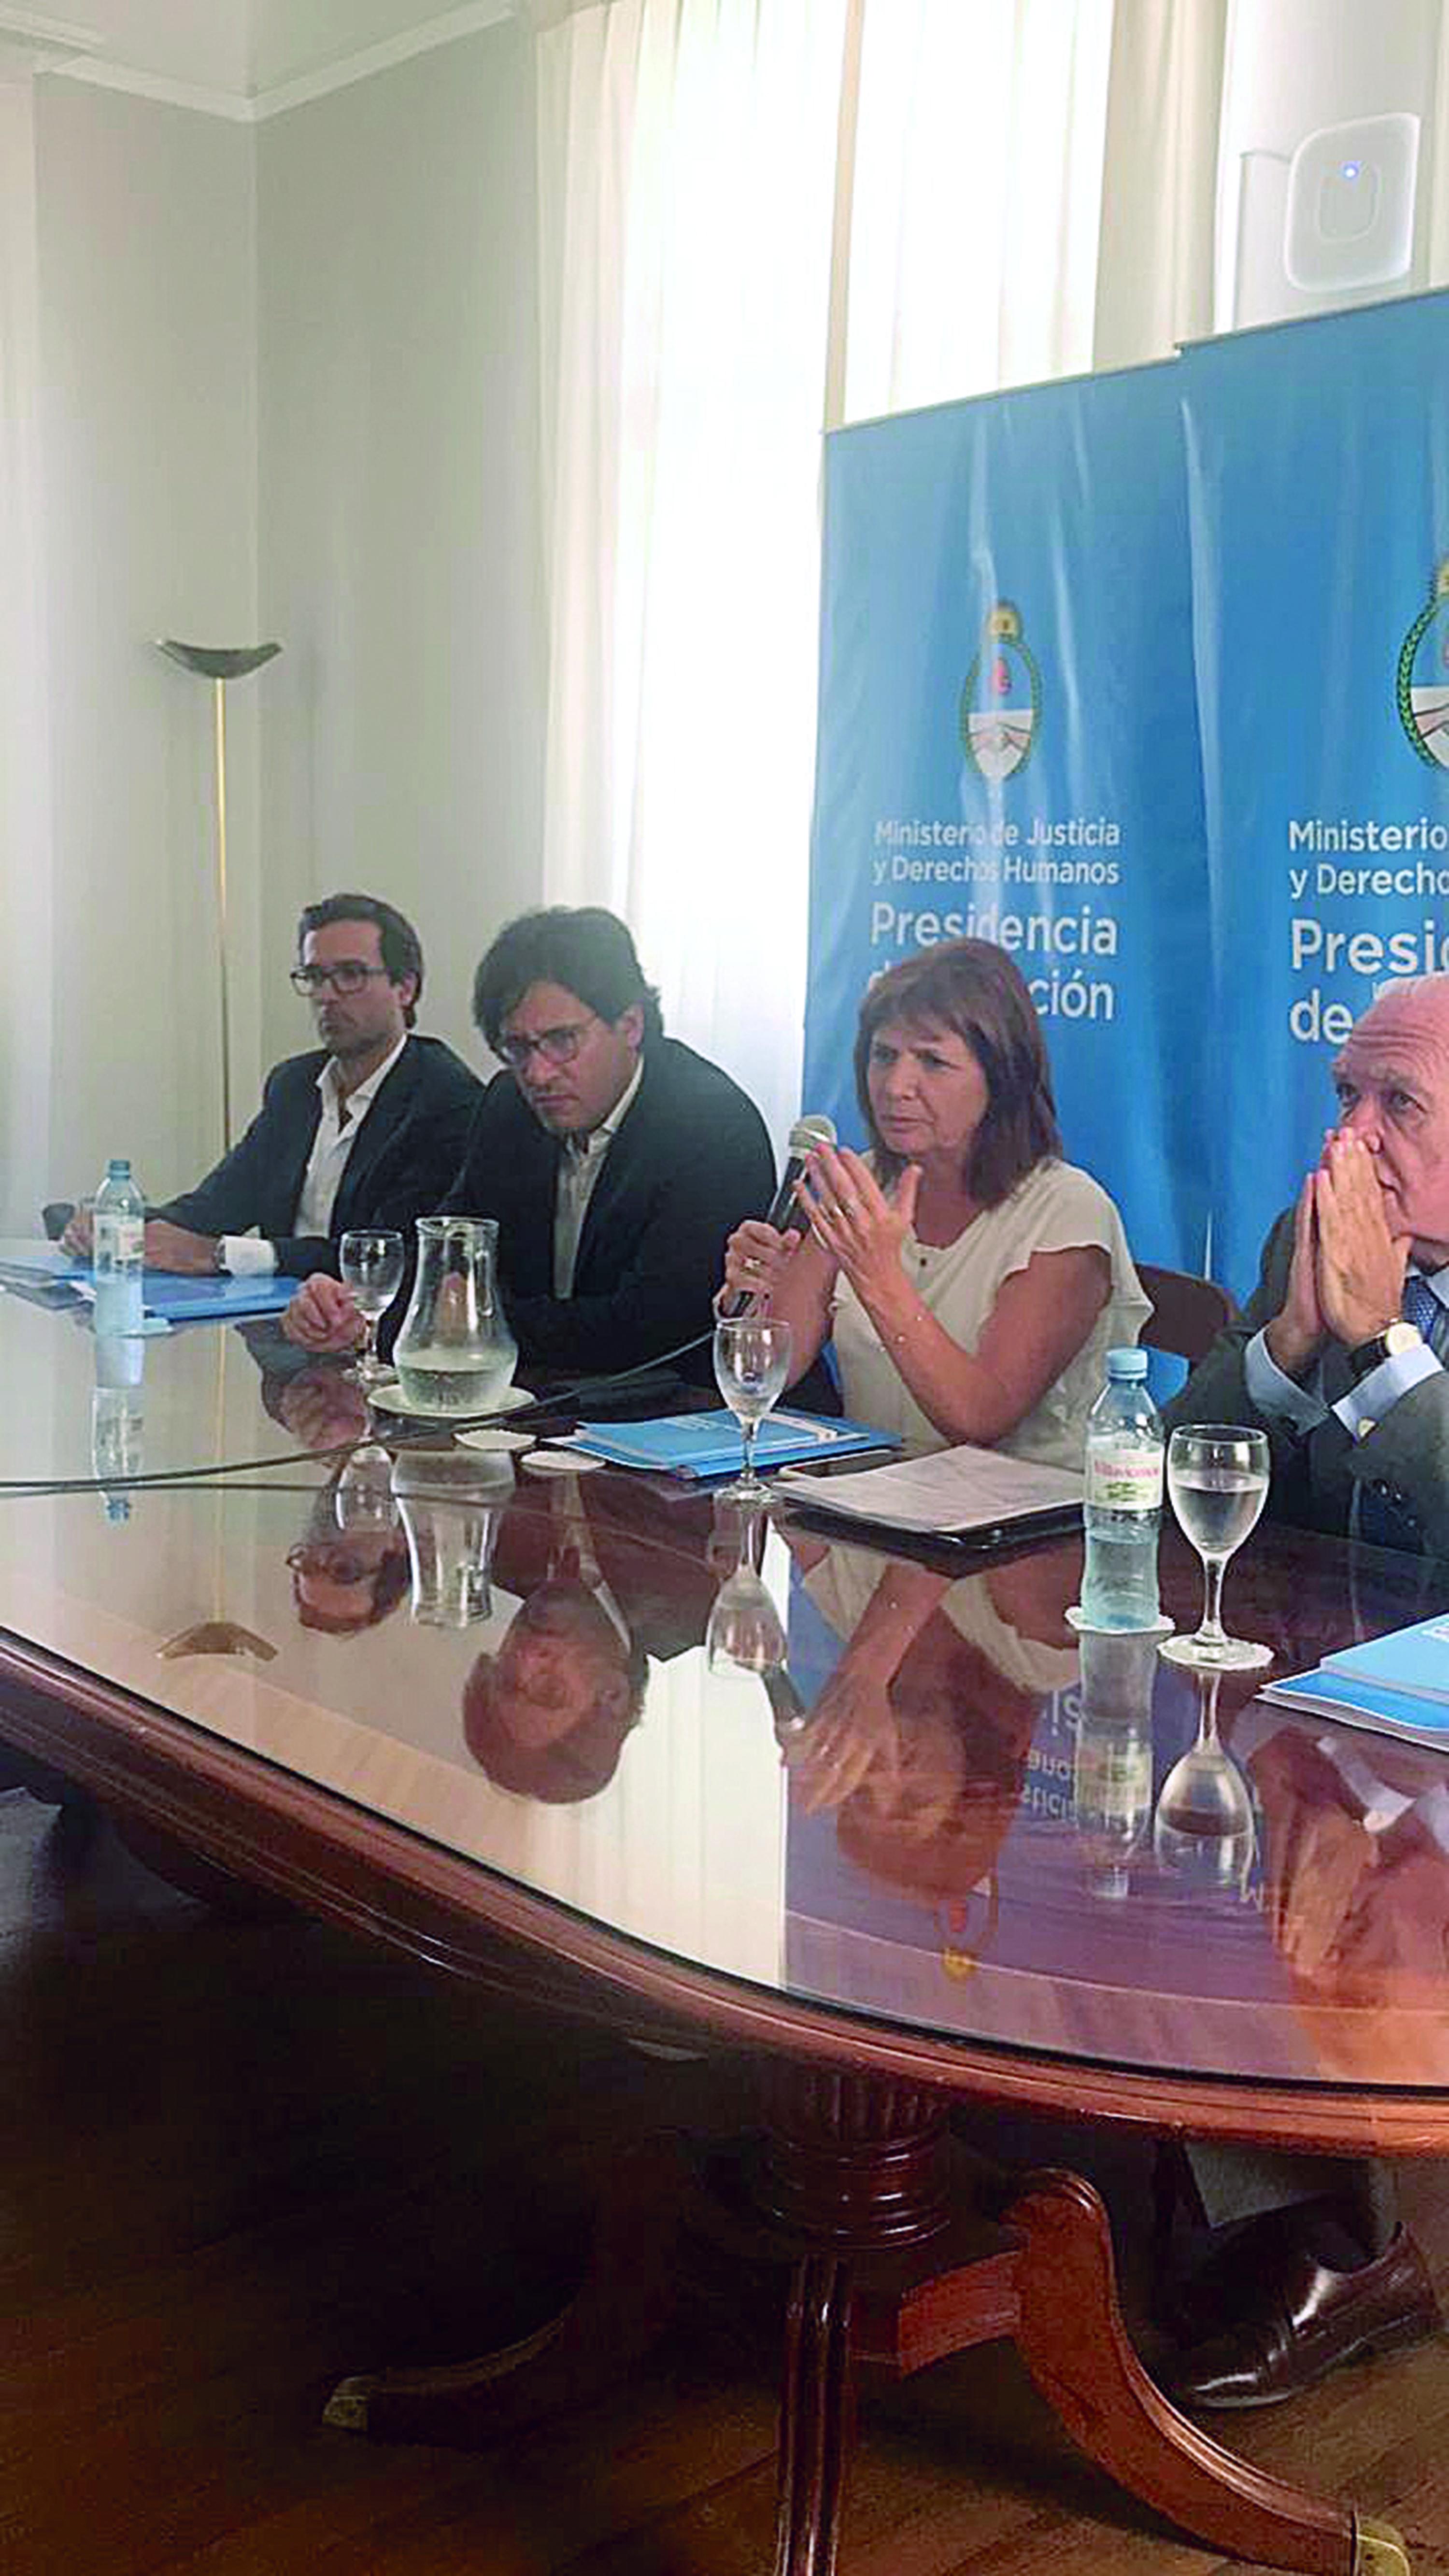 El anteproyecto de Ley Penal Juvenil fue presentado por Germán Garabato –ministro de Justicia y Derechos Humanos– y Patricia Bullrich –ministra de Seguridad–.